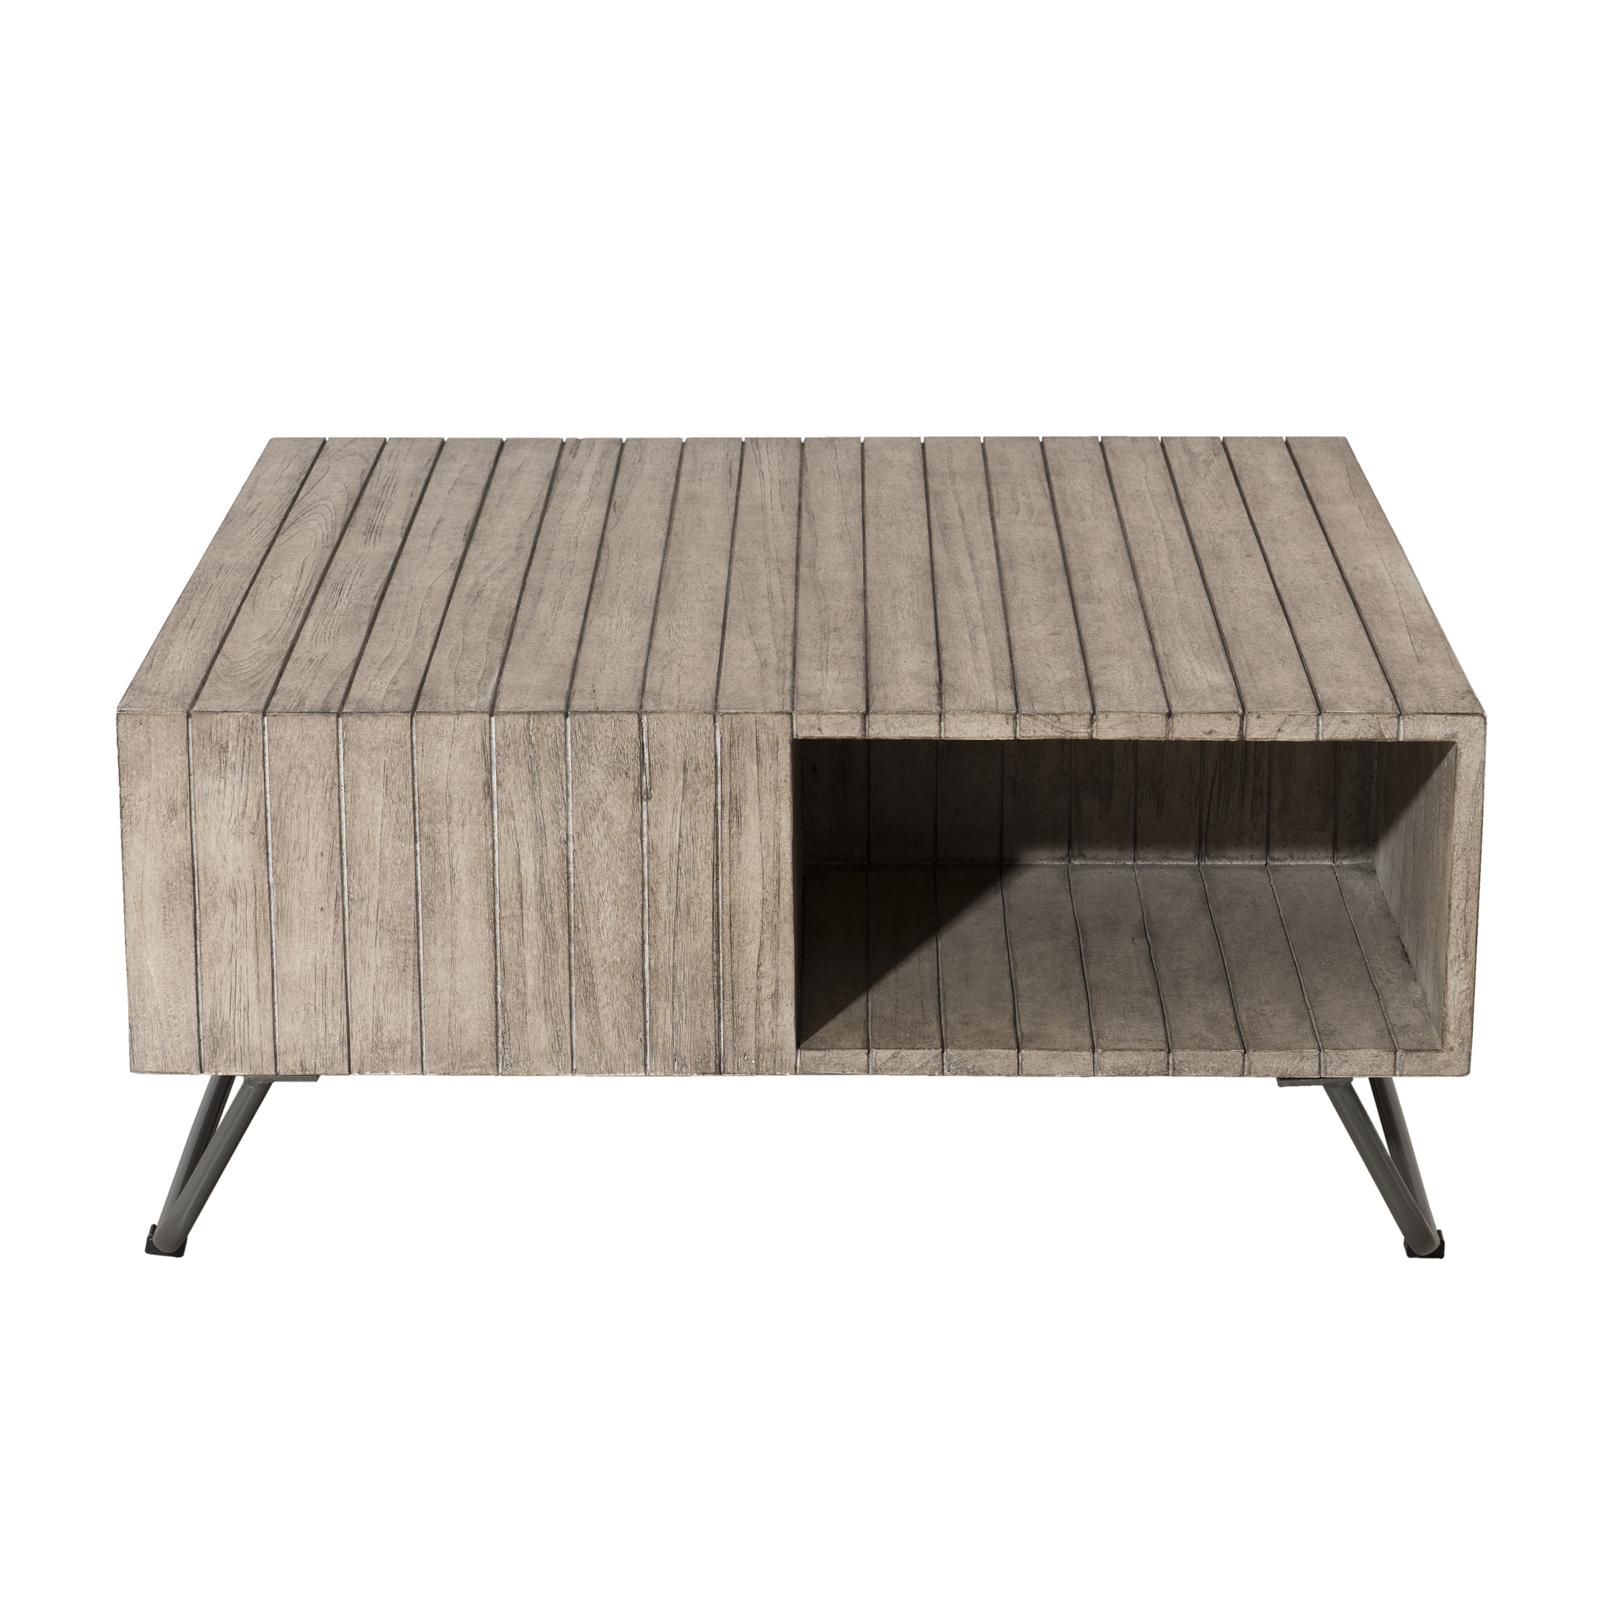 Table basse Jardin Teck carrée 90x90cm DETROIT ref. 30020819